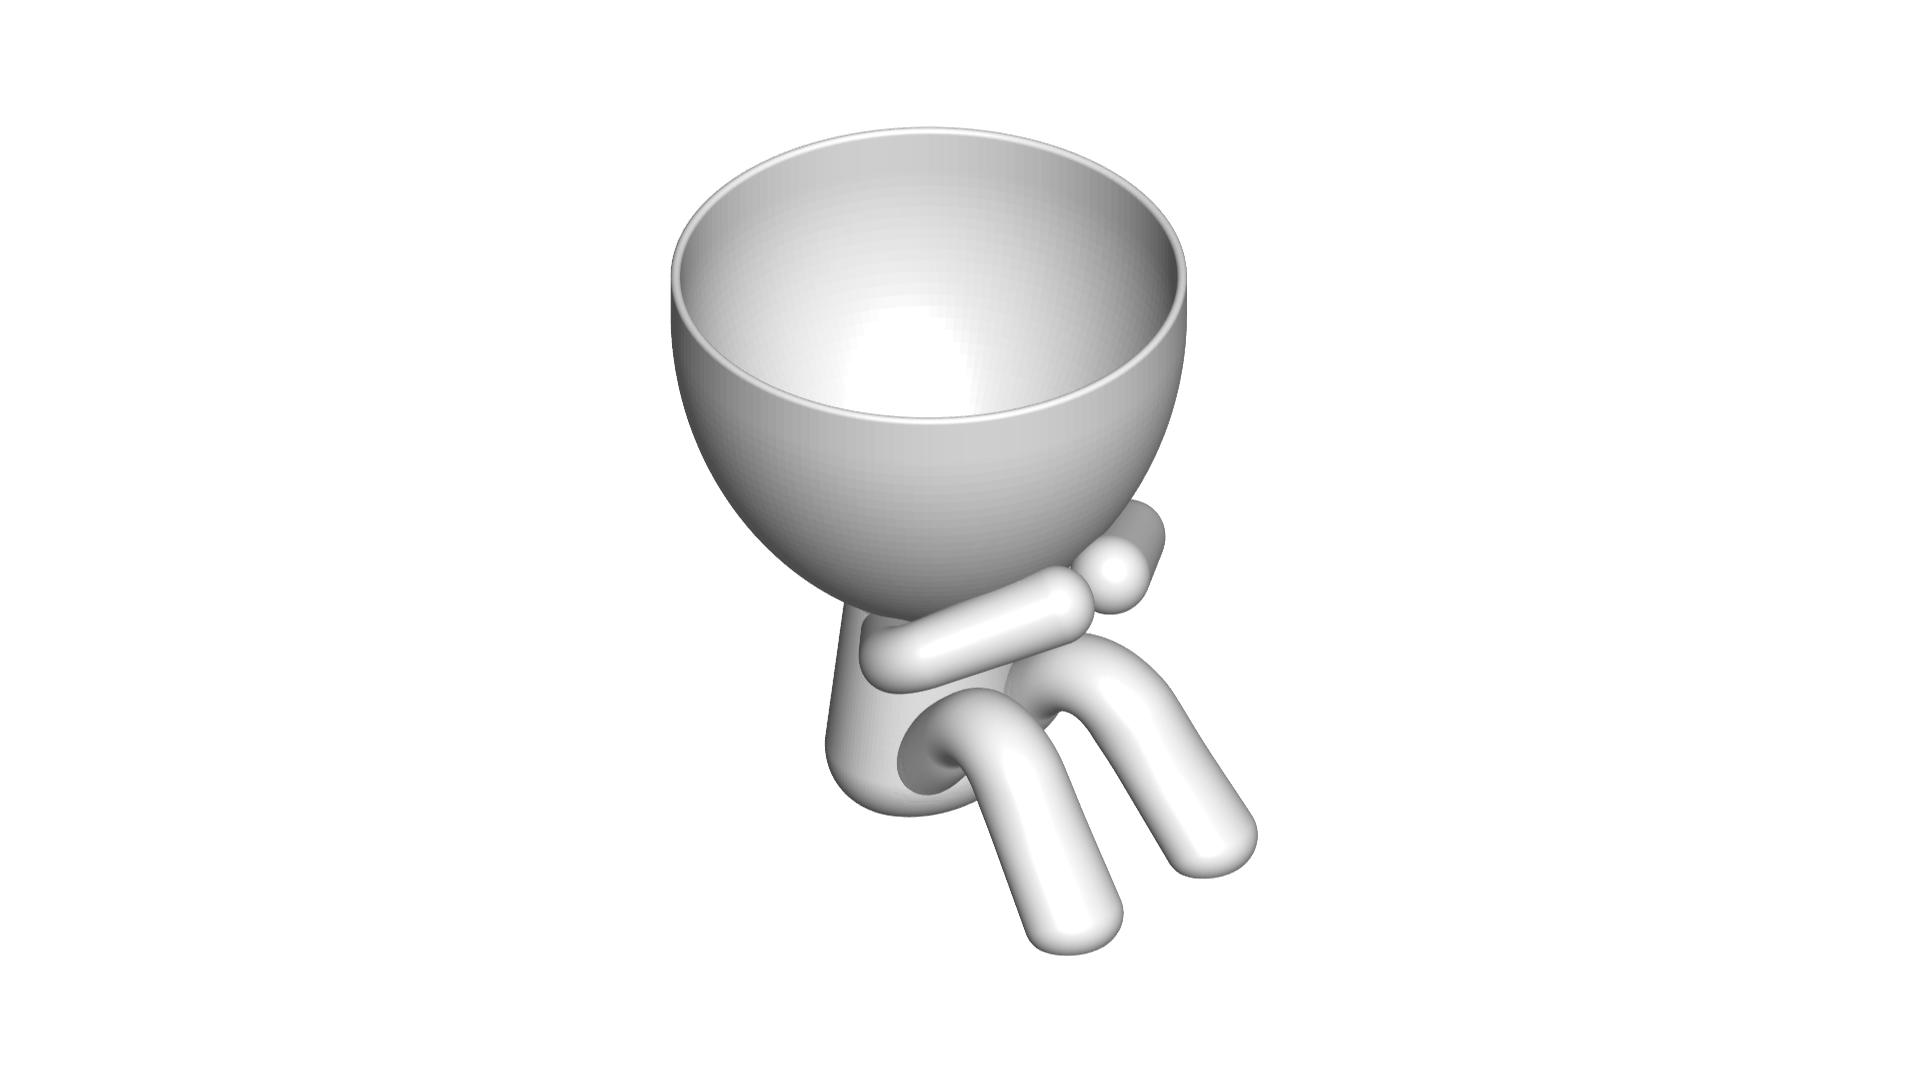 3_blanco_2.png Télécharger fichier STL gratuit POT DE VERRE ROBERT WISE JE NE PARLE PAS • Modèle pour impression 3D, CREATIONSISHI